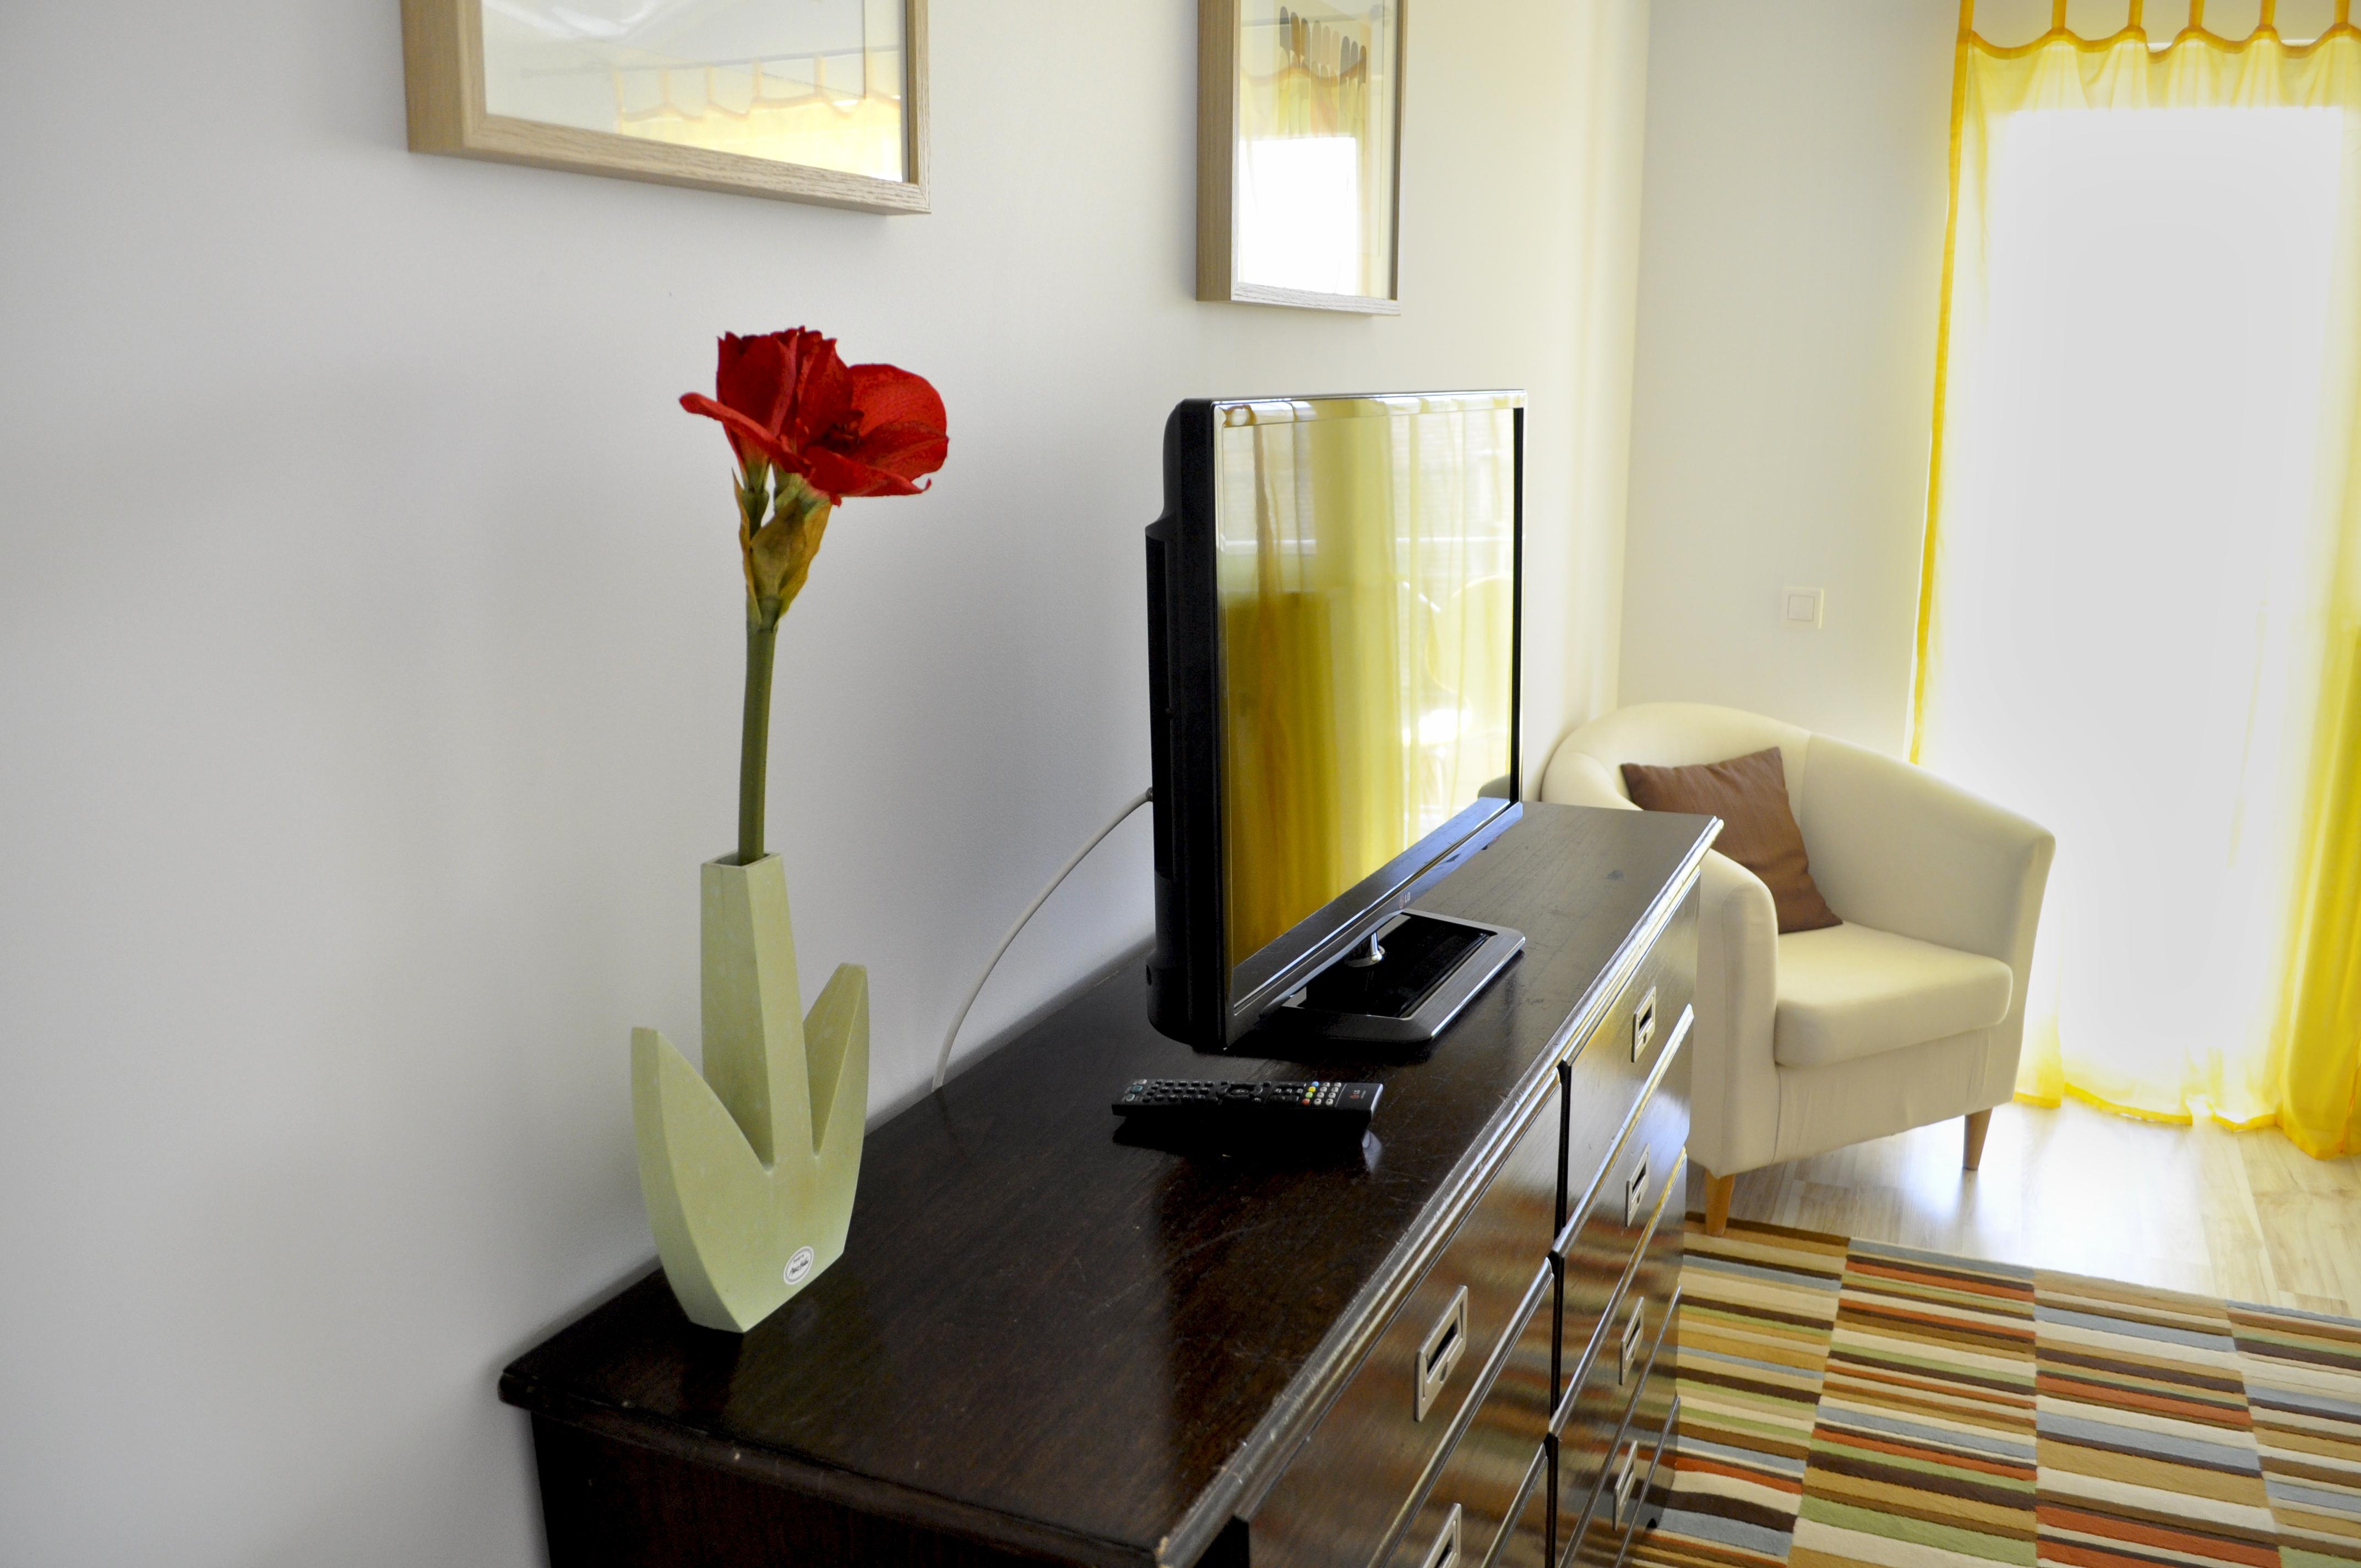 SemiCENTRAL Et.2 – Apartament VILA 4 camere+ garaj